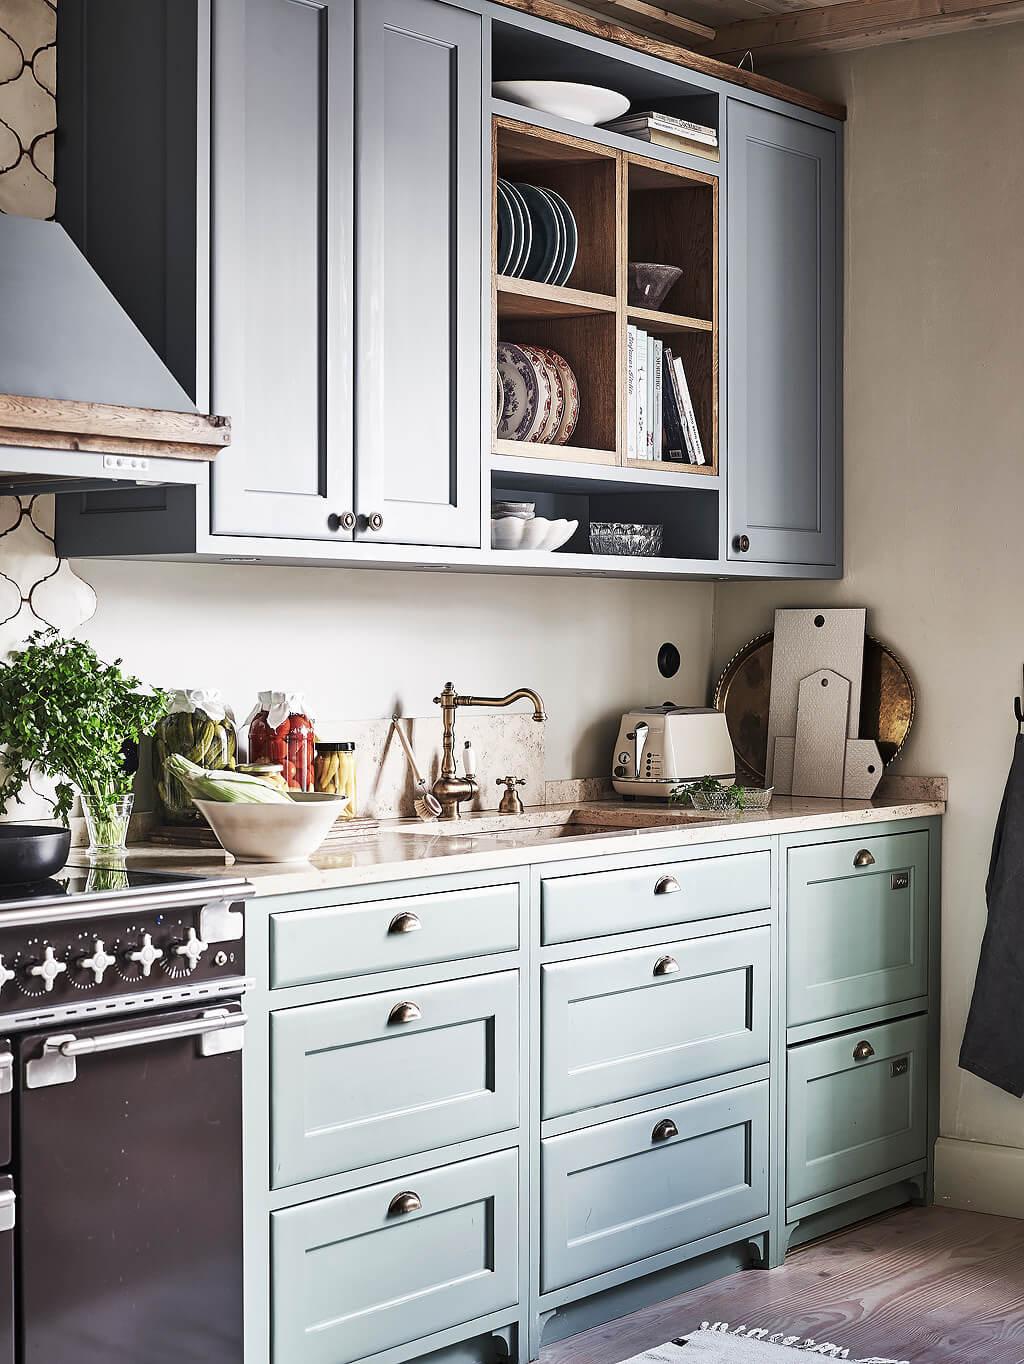 Однокомнатная квартира 40 кв м с кухонным гарнитуром